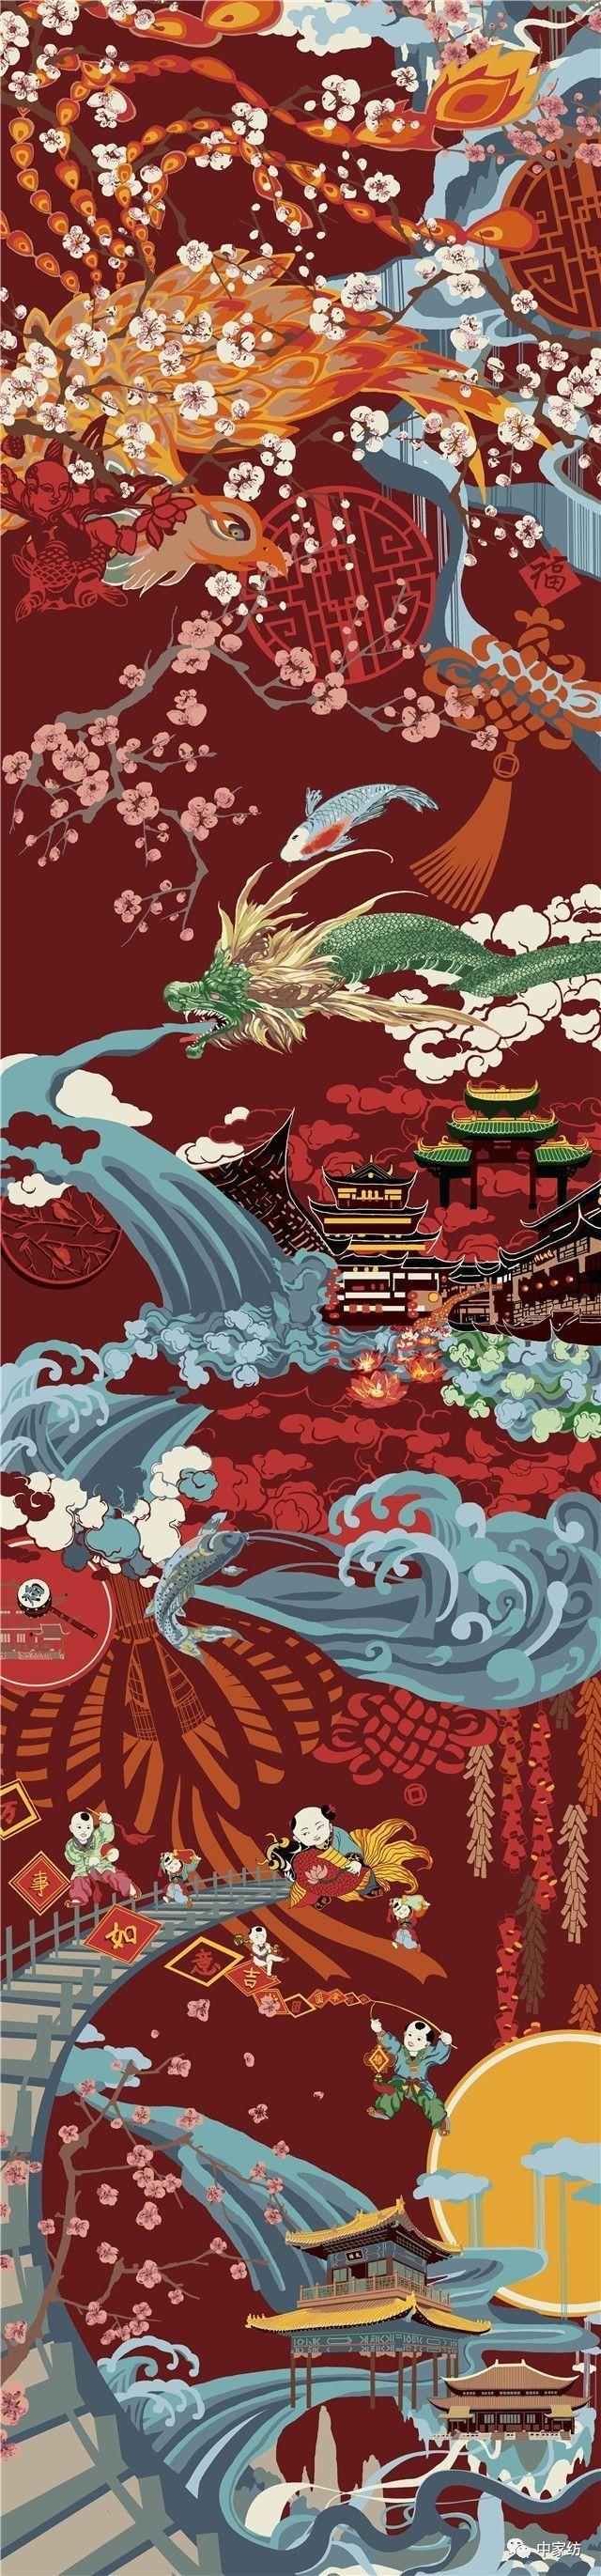 海宁家纺杯·2017中国家纺创意设计大赛获奖作品赏析图片